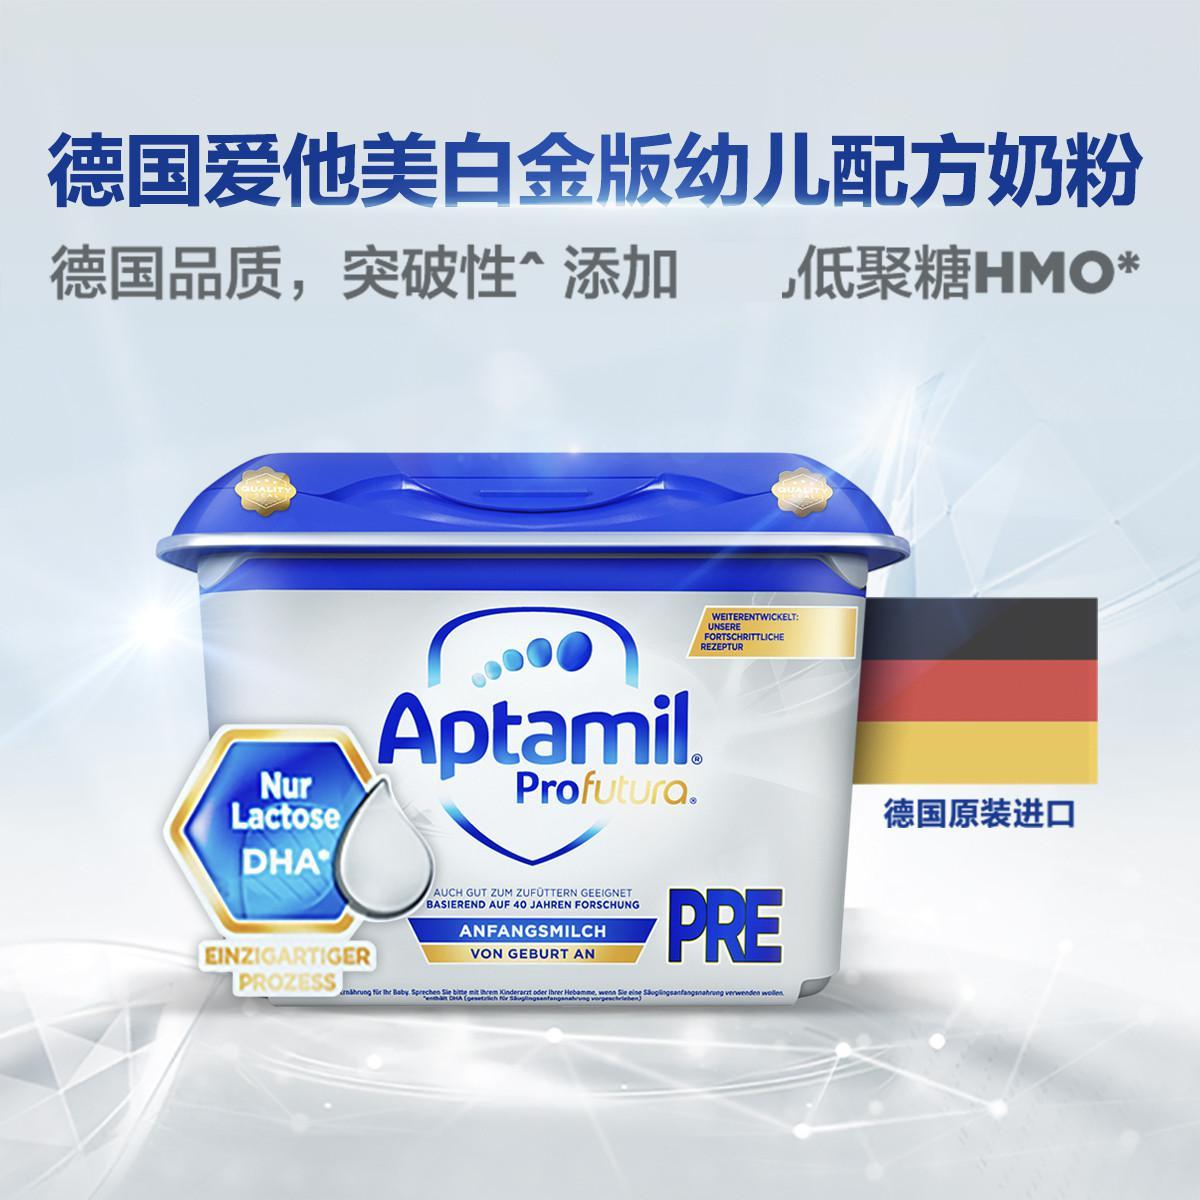 德国爱他美白金版双重HMO婴儿配方奶粉pre段 0-6个月